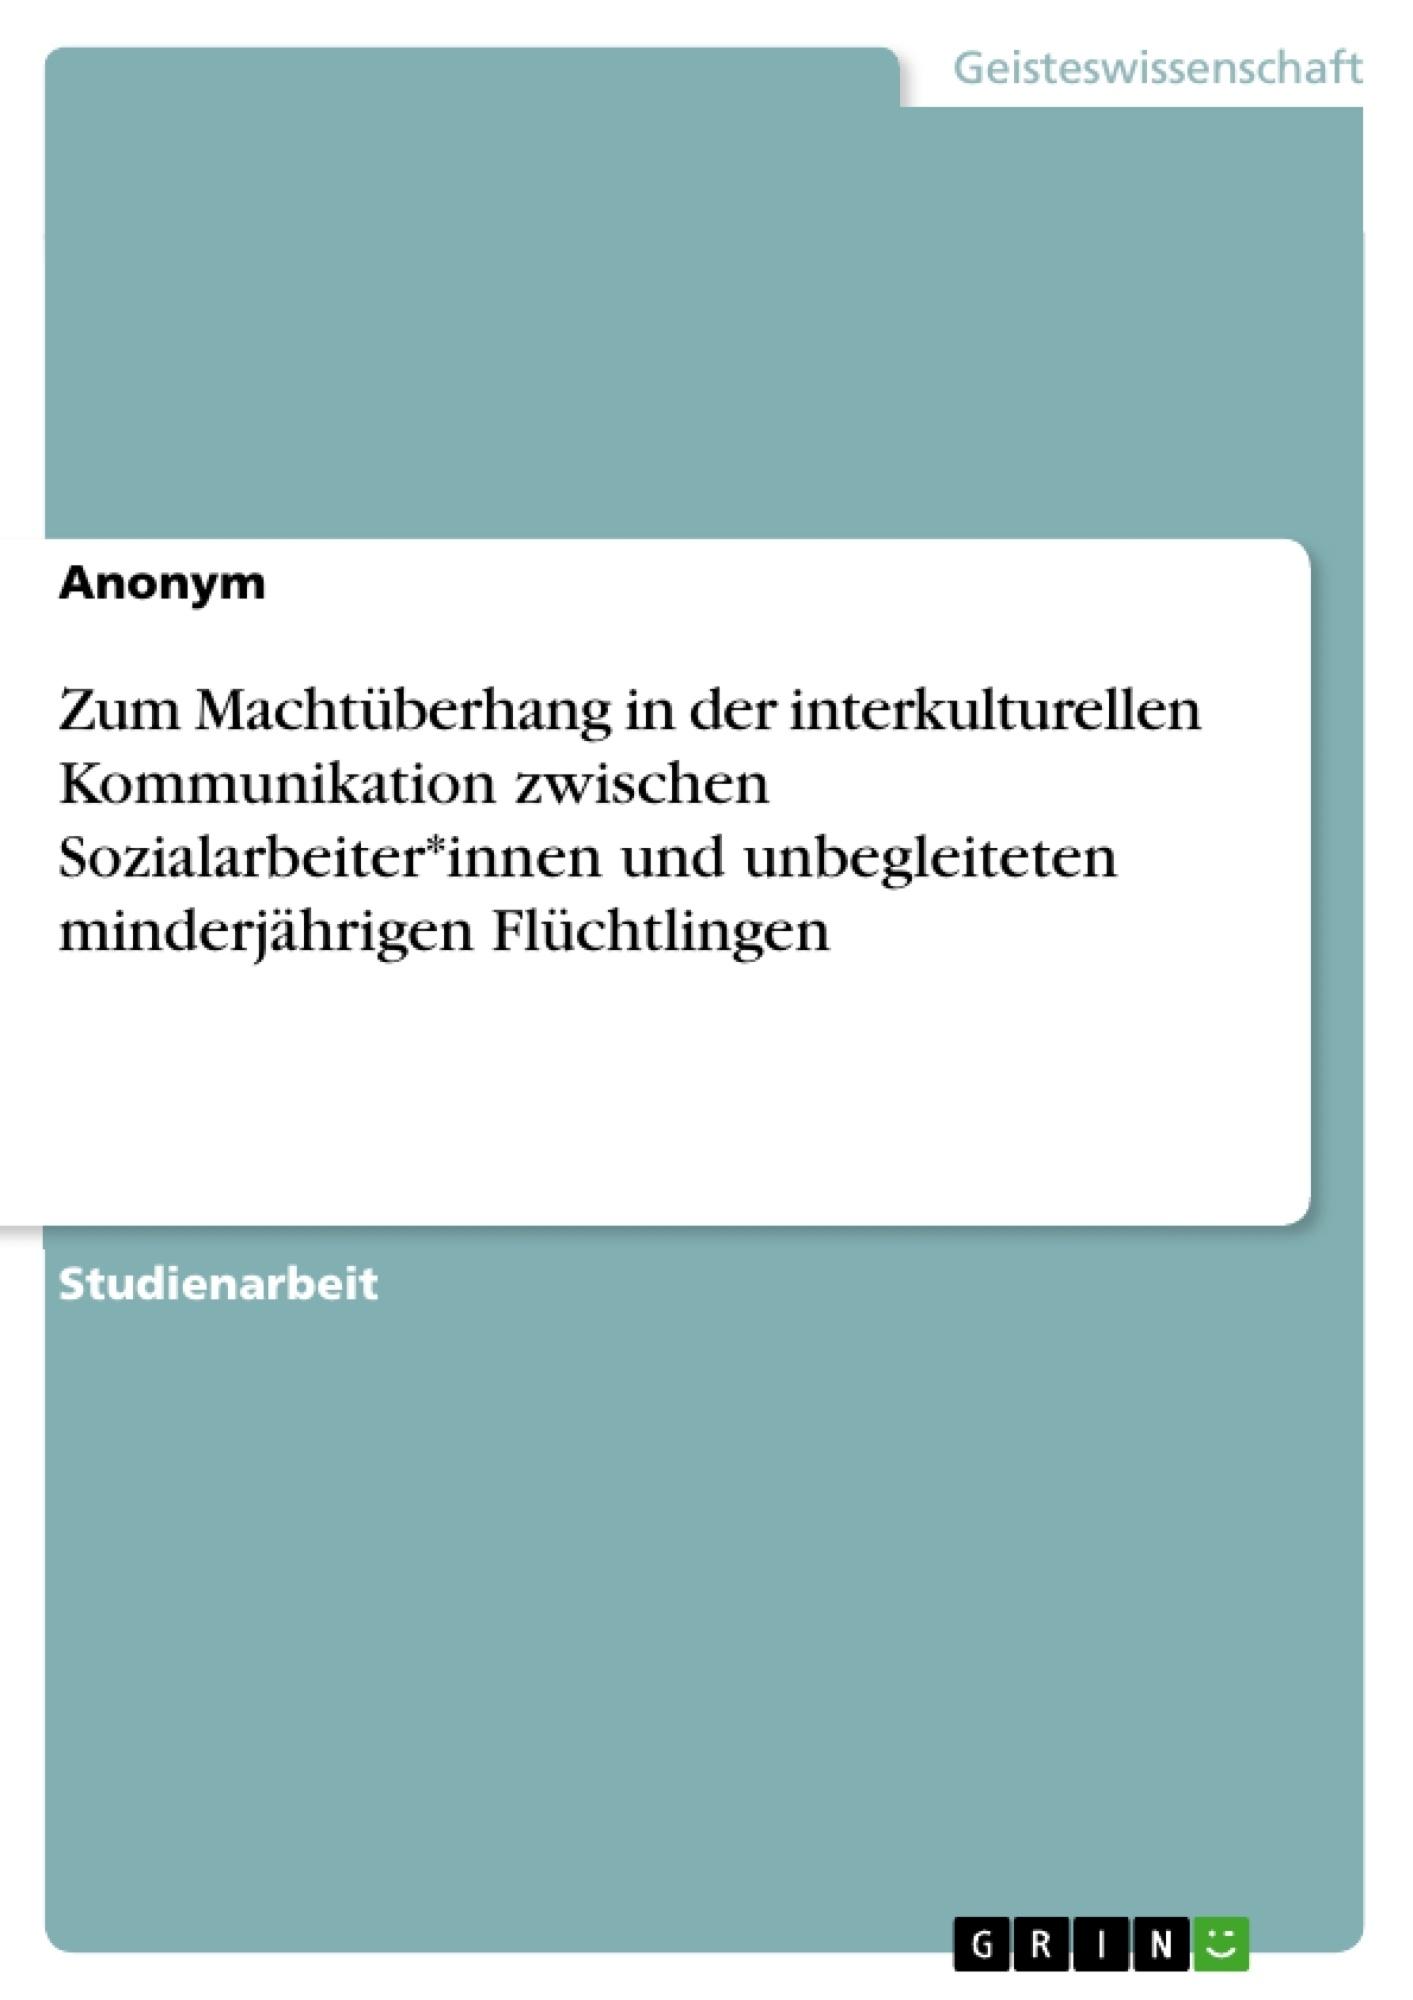 Titel: Zum Machtüberhang in der interkulturellen Kommunikation zwischen Sozialarbeiter*innen und unbegleiteten minderjährigen Flüchtlingen